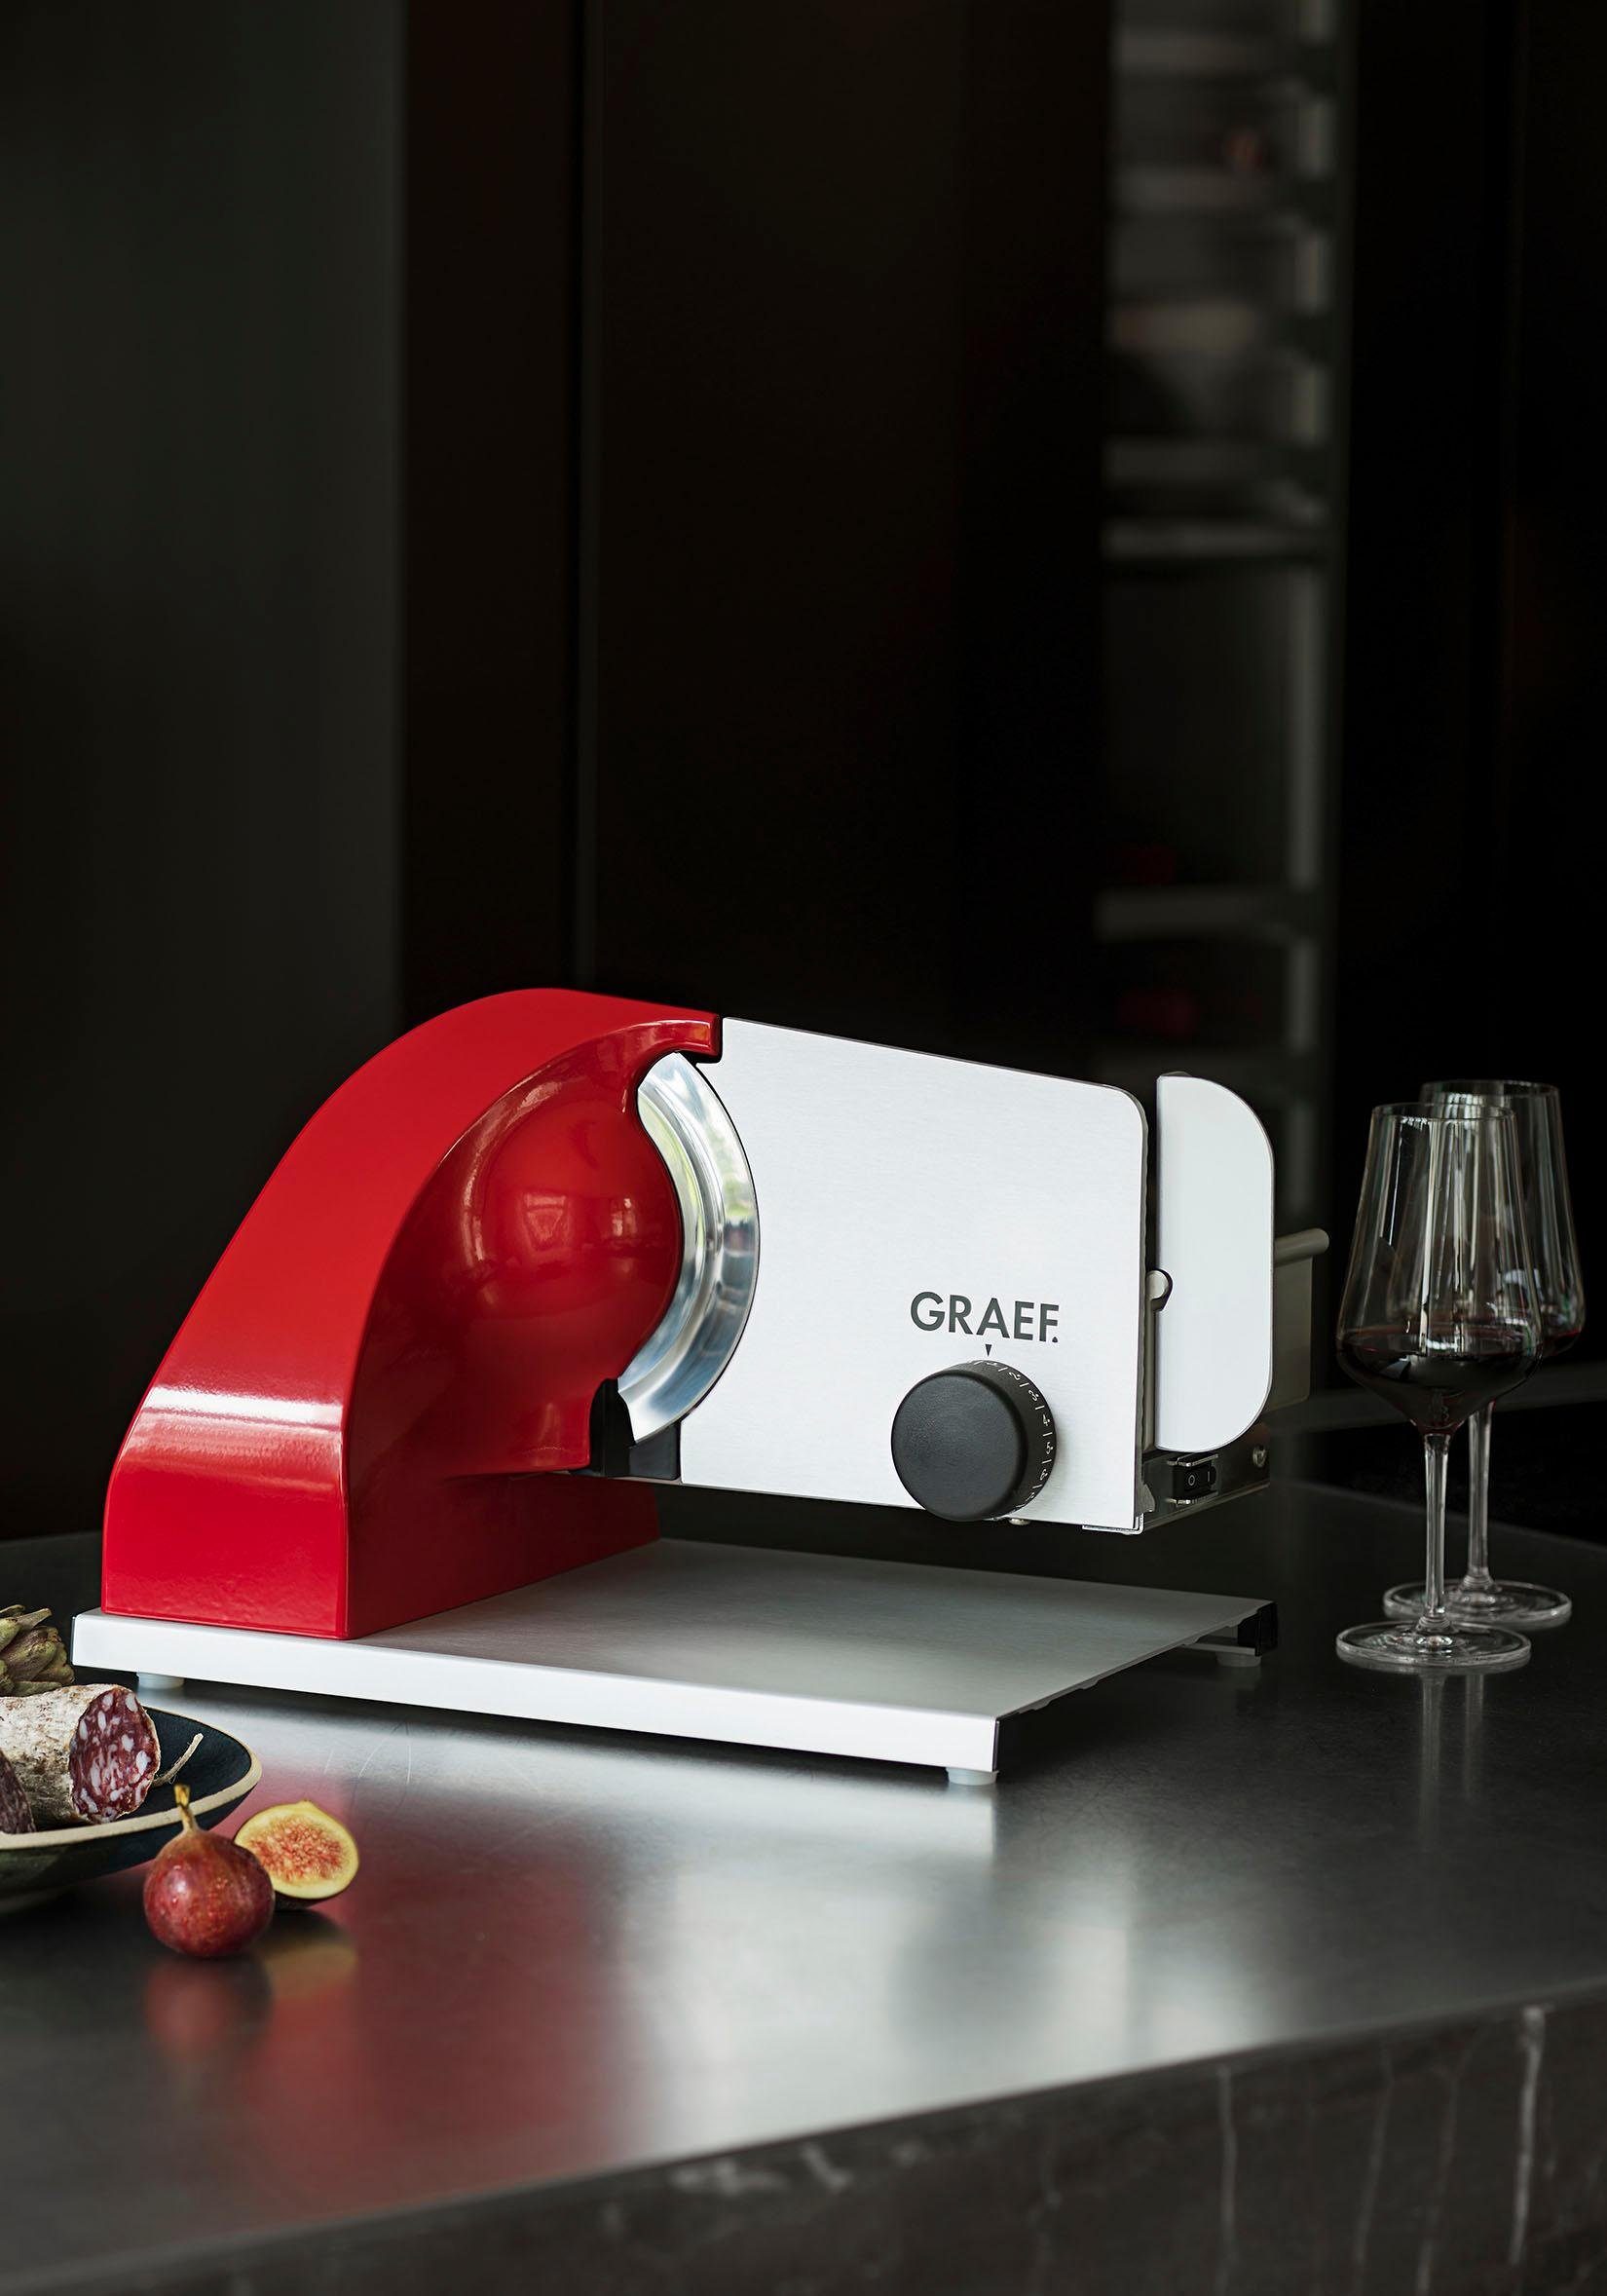 Graef Allesschneider Sliced Kitchen SKS 903 (SKS903EU)